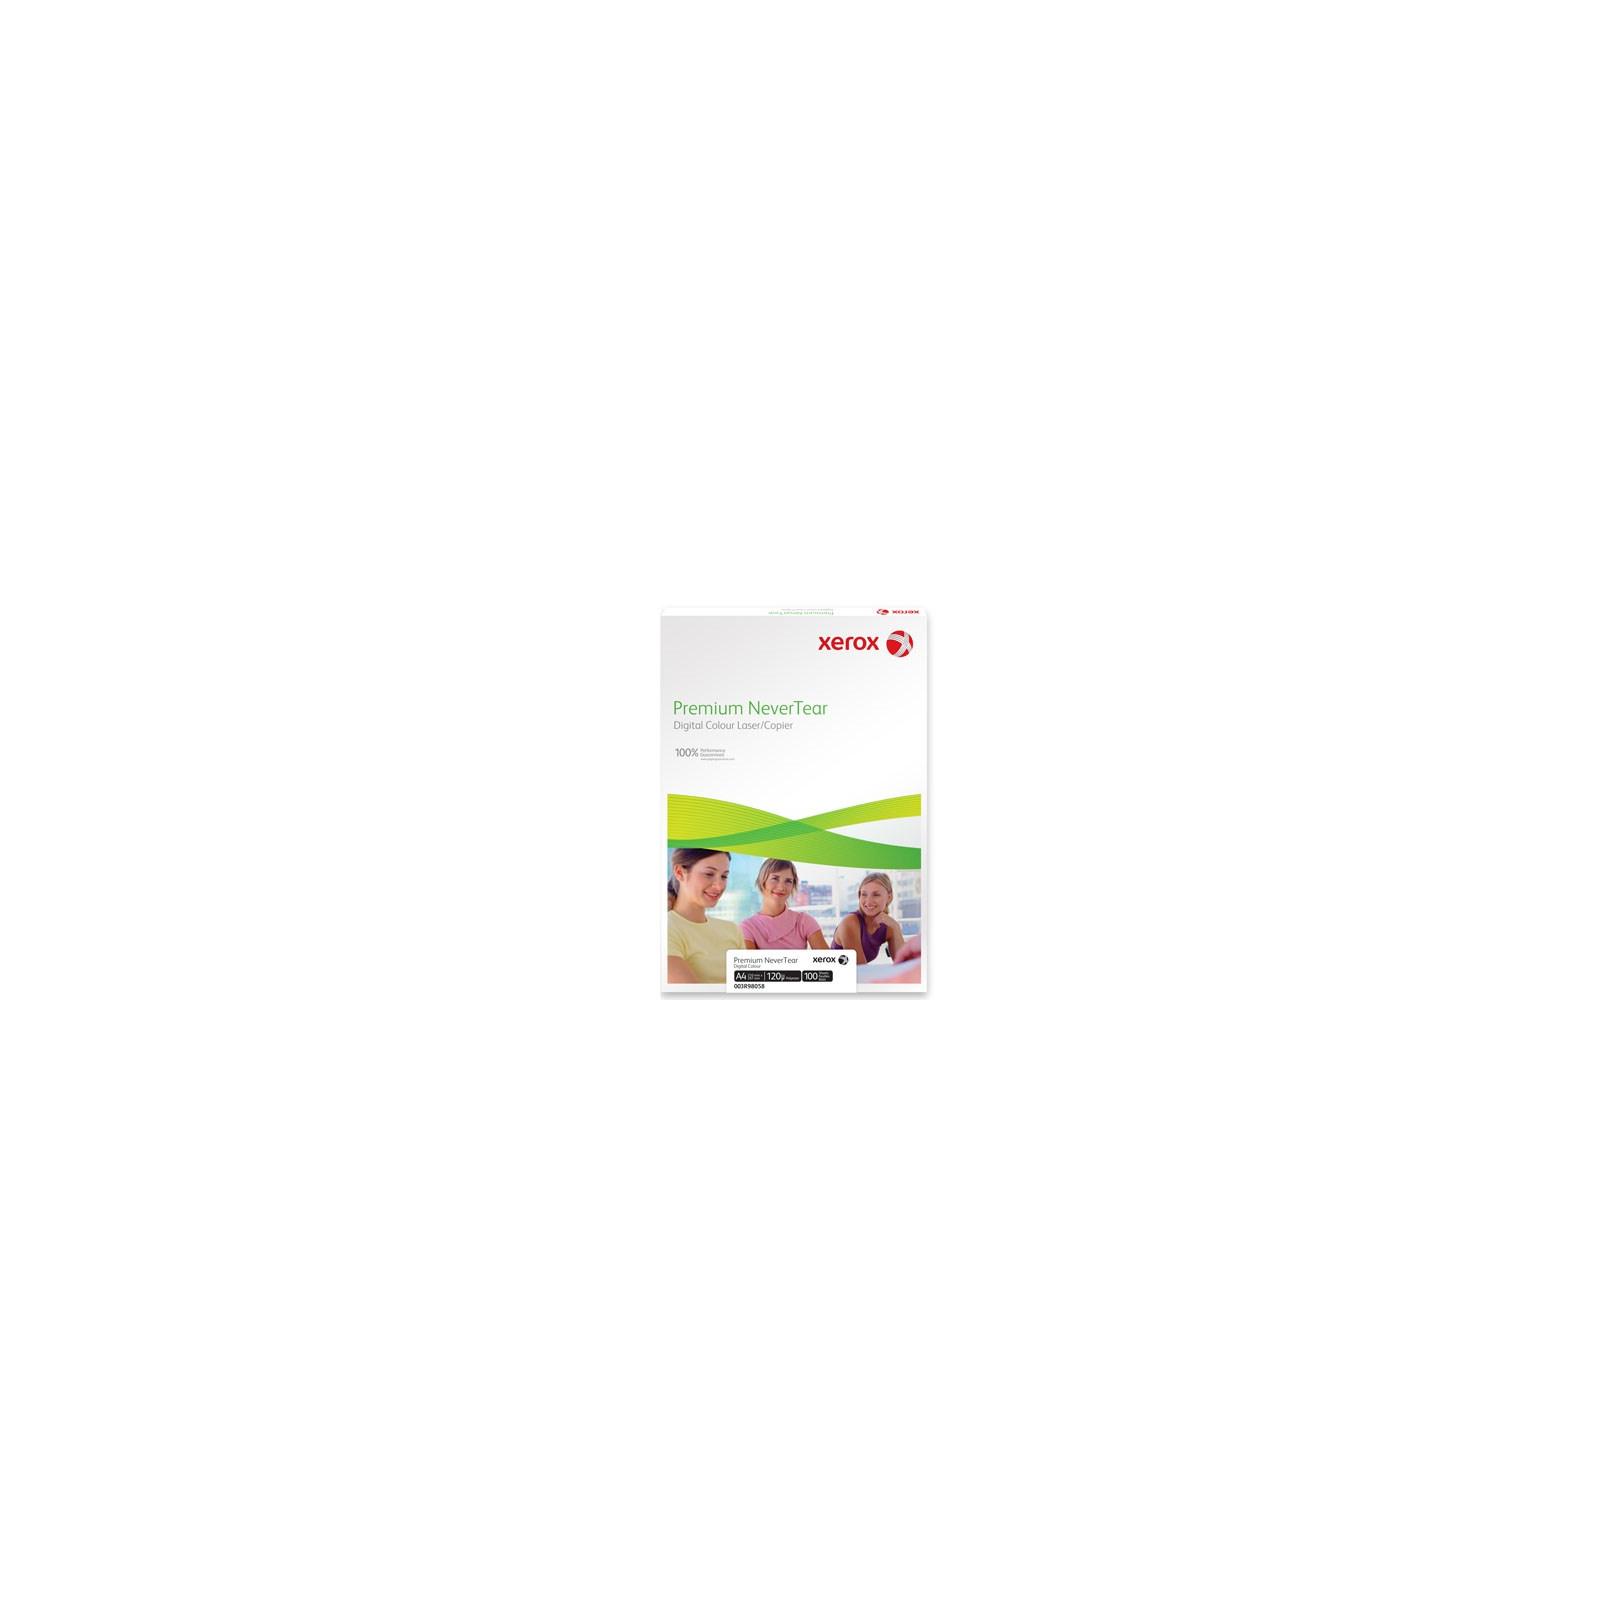 Пленка для печати XEROX A4 Premium Never Tear (003R98058)